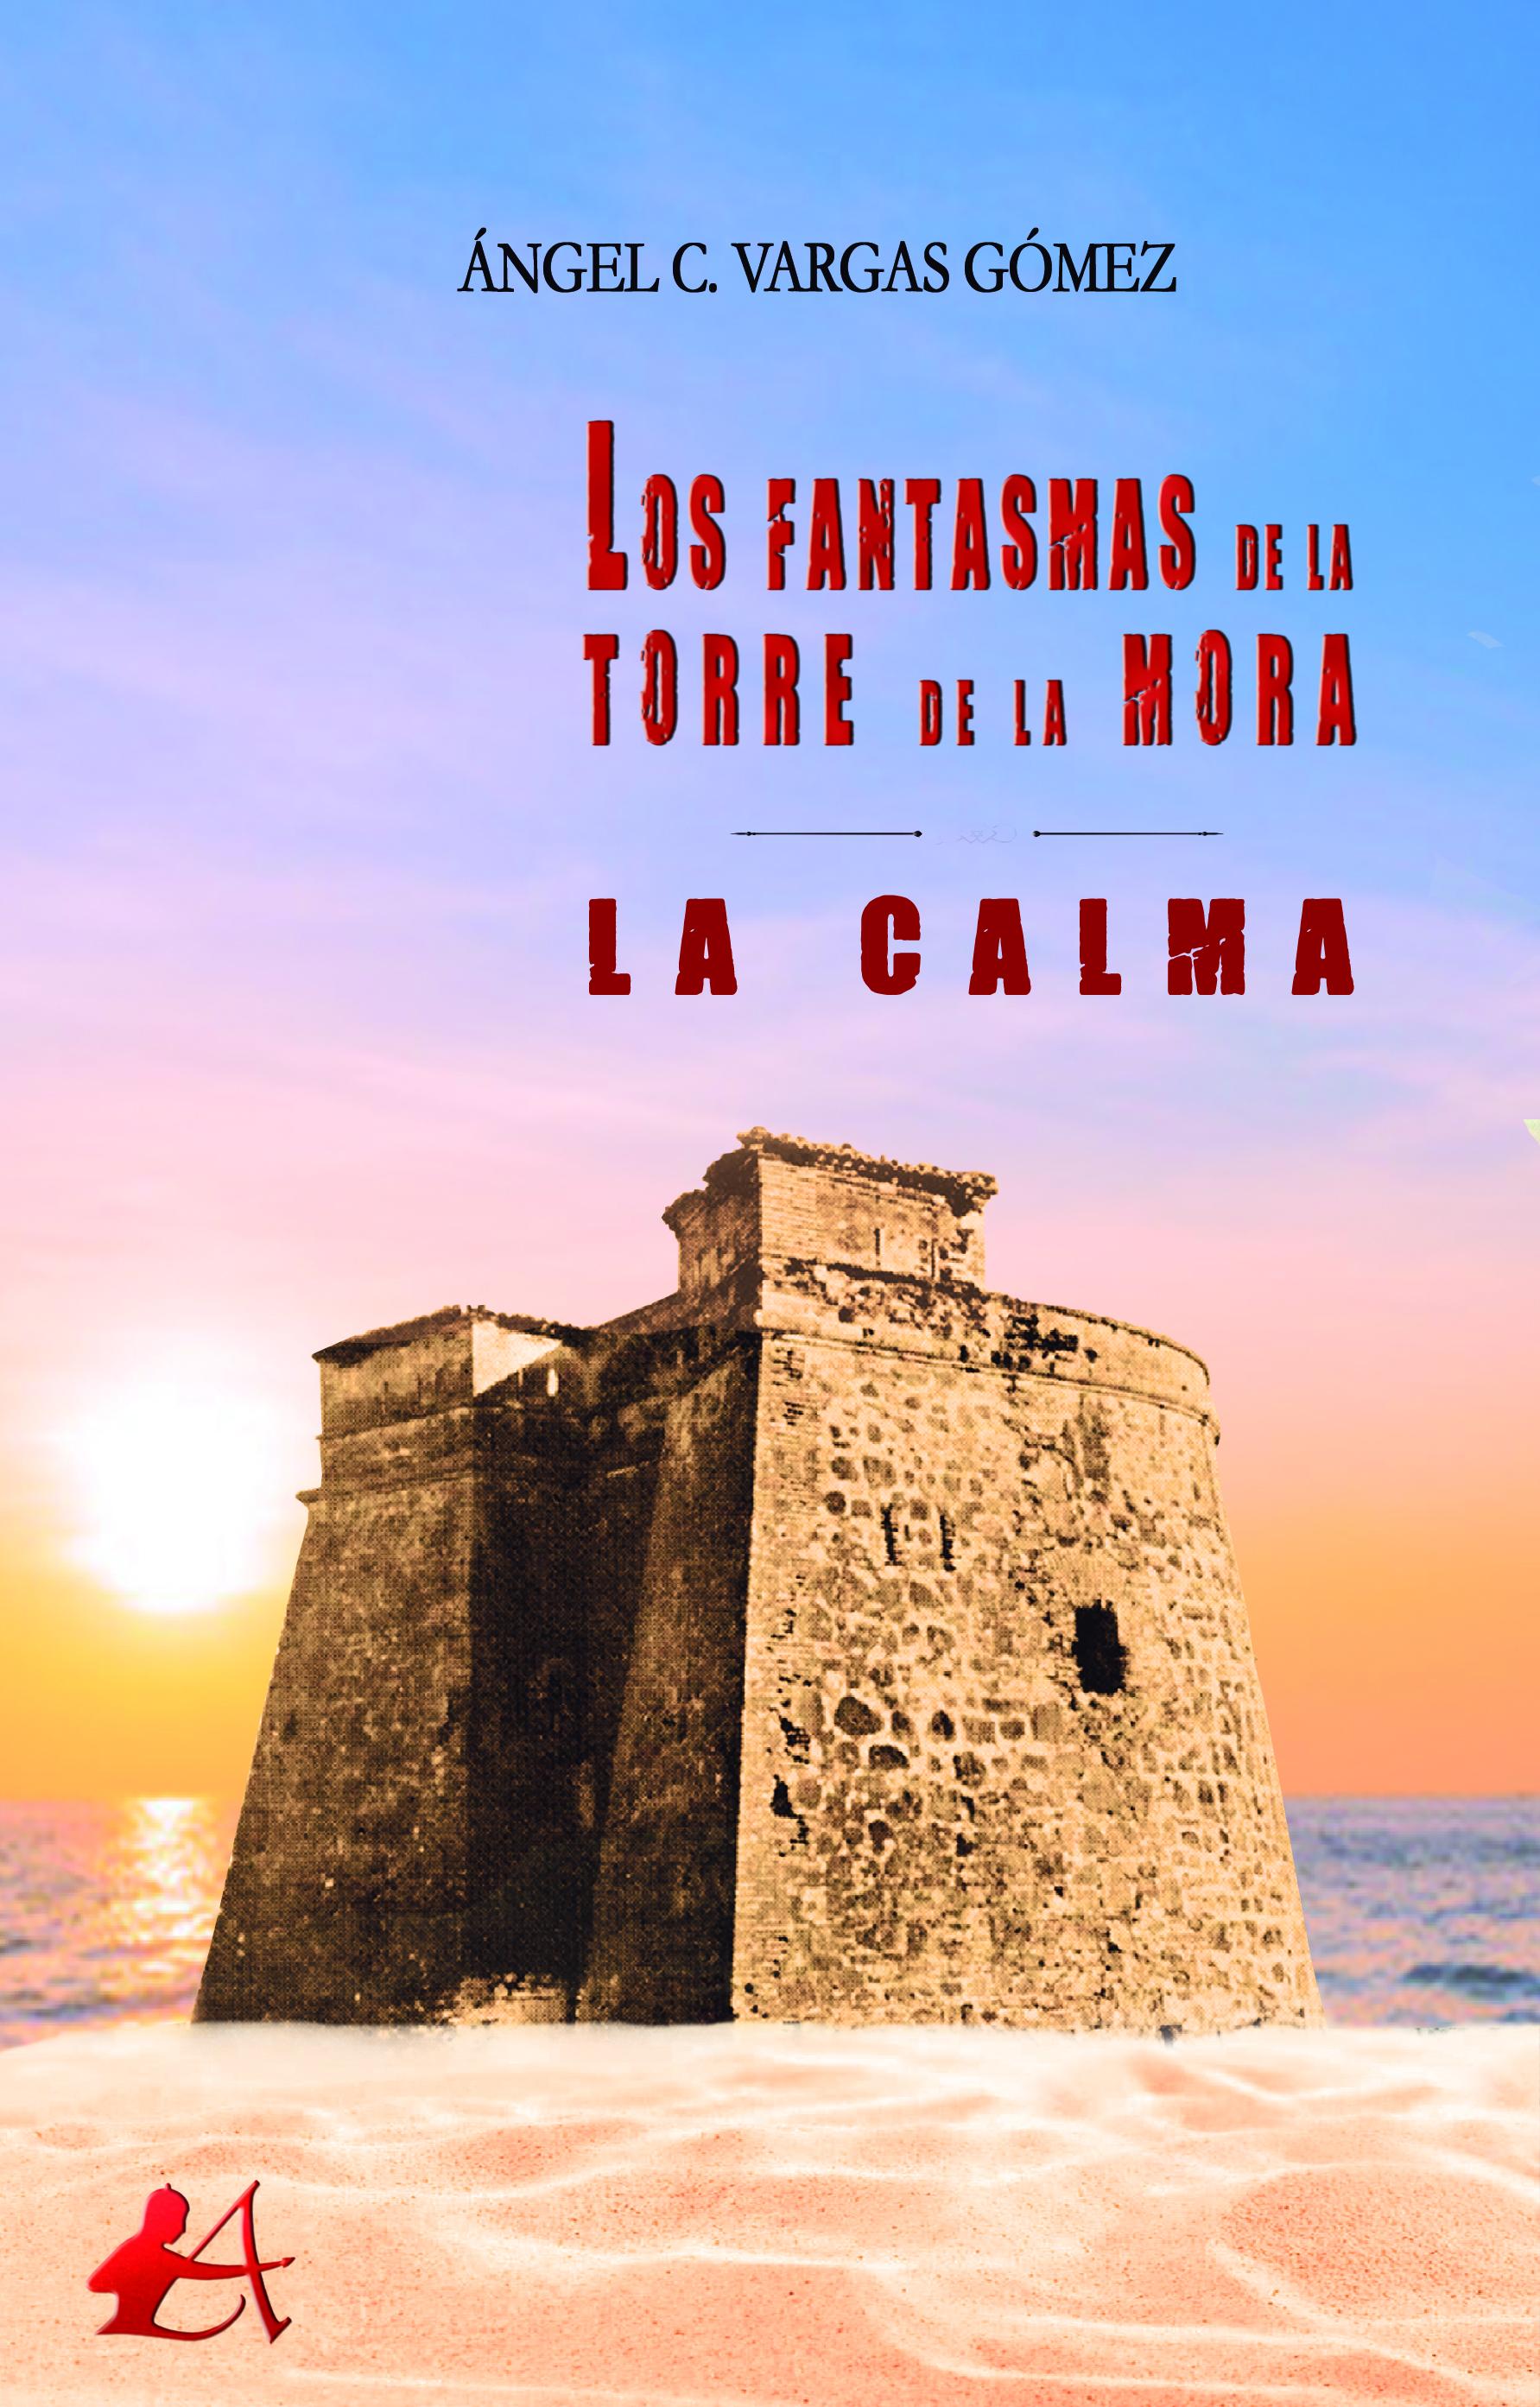 Portada del libro Los fantasmas de la torre de la mora La calma de Ángel C Vargas. Editorial Adarve, Publicar un libro